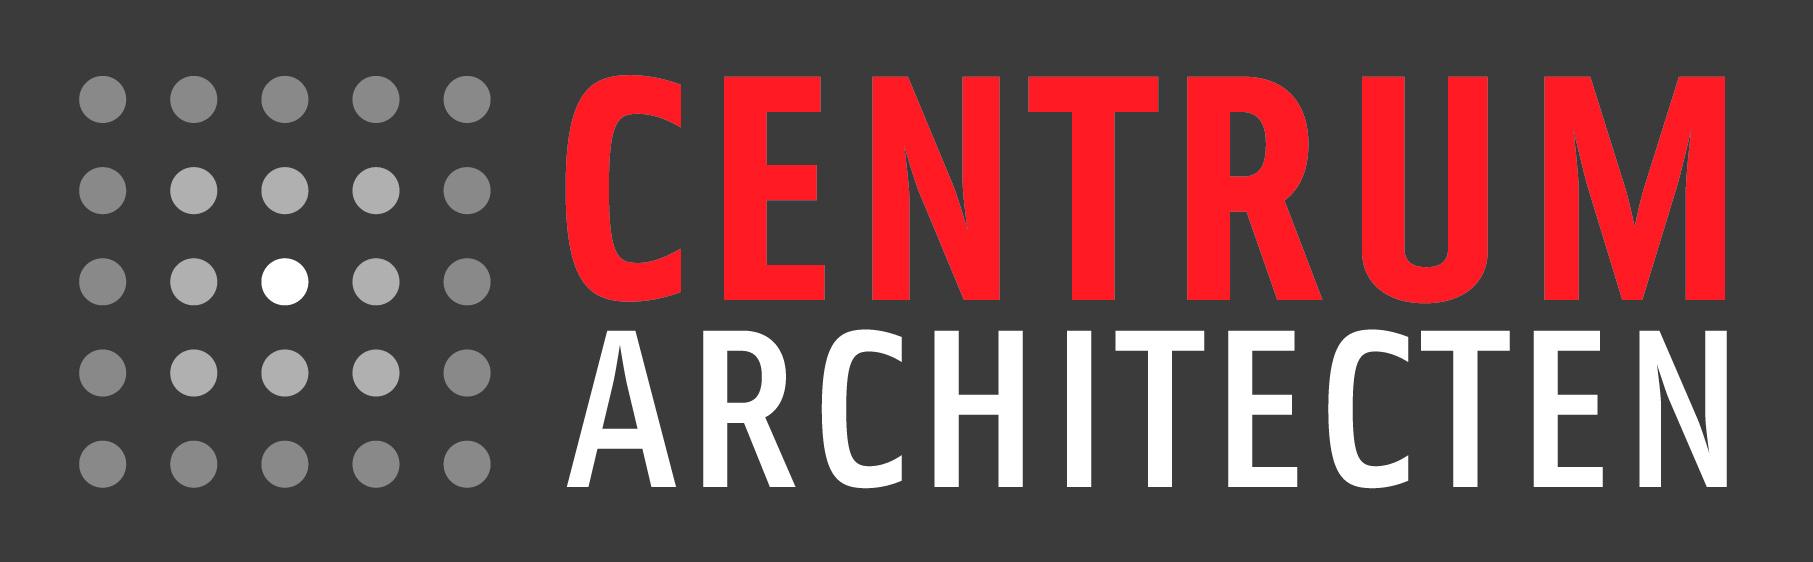 Centrum architecten